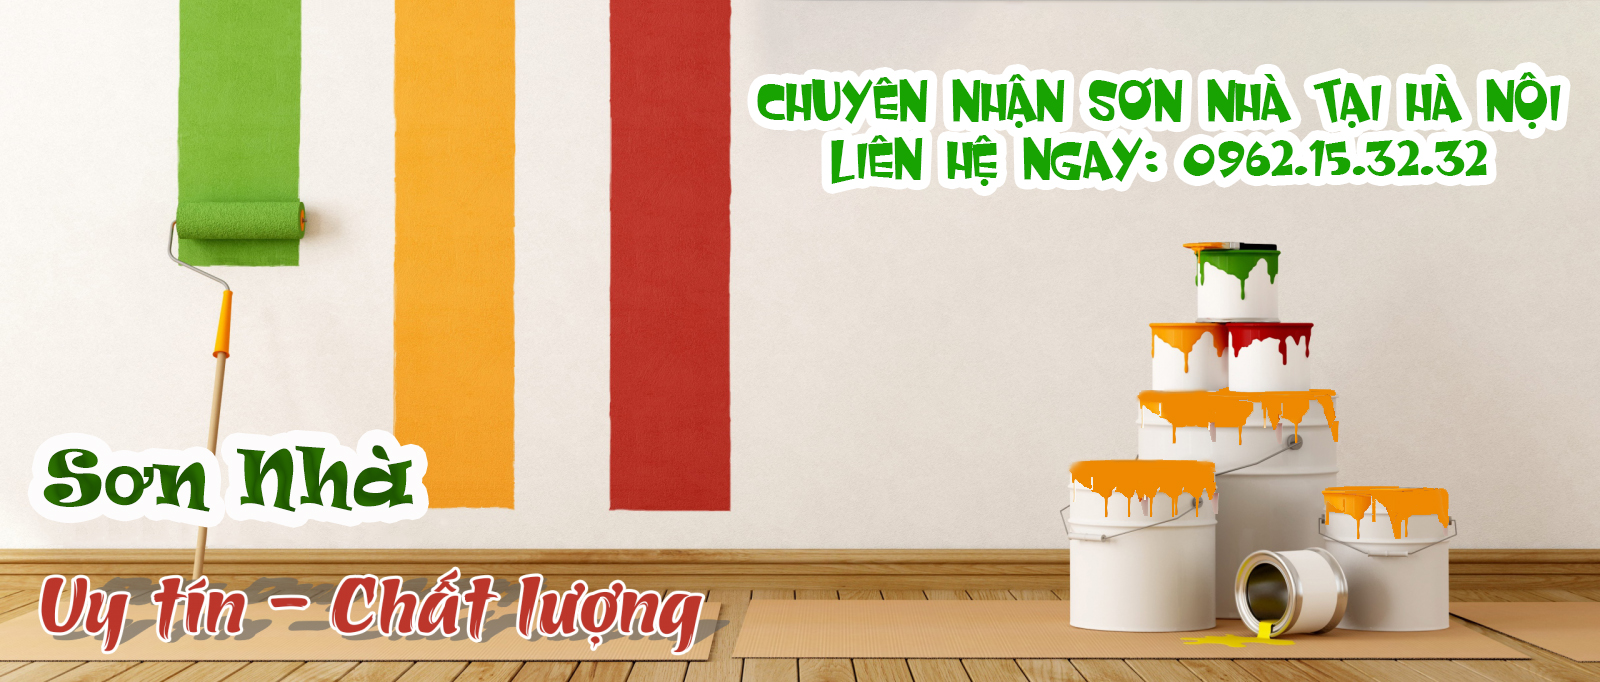 Cần sơn nhà tại Ba Đình giá rẻ - Gọi ngay 0962.15.32.32